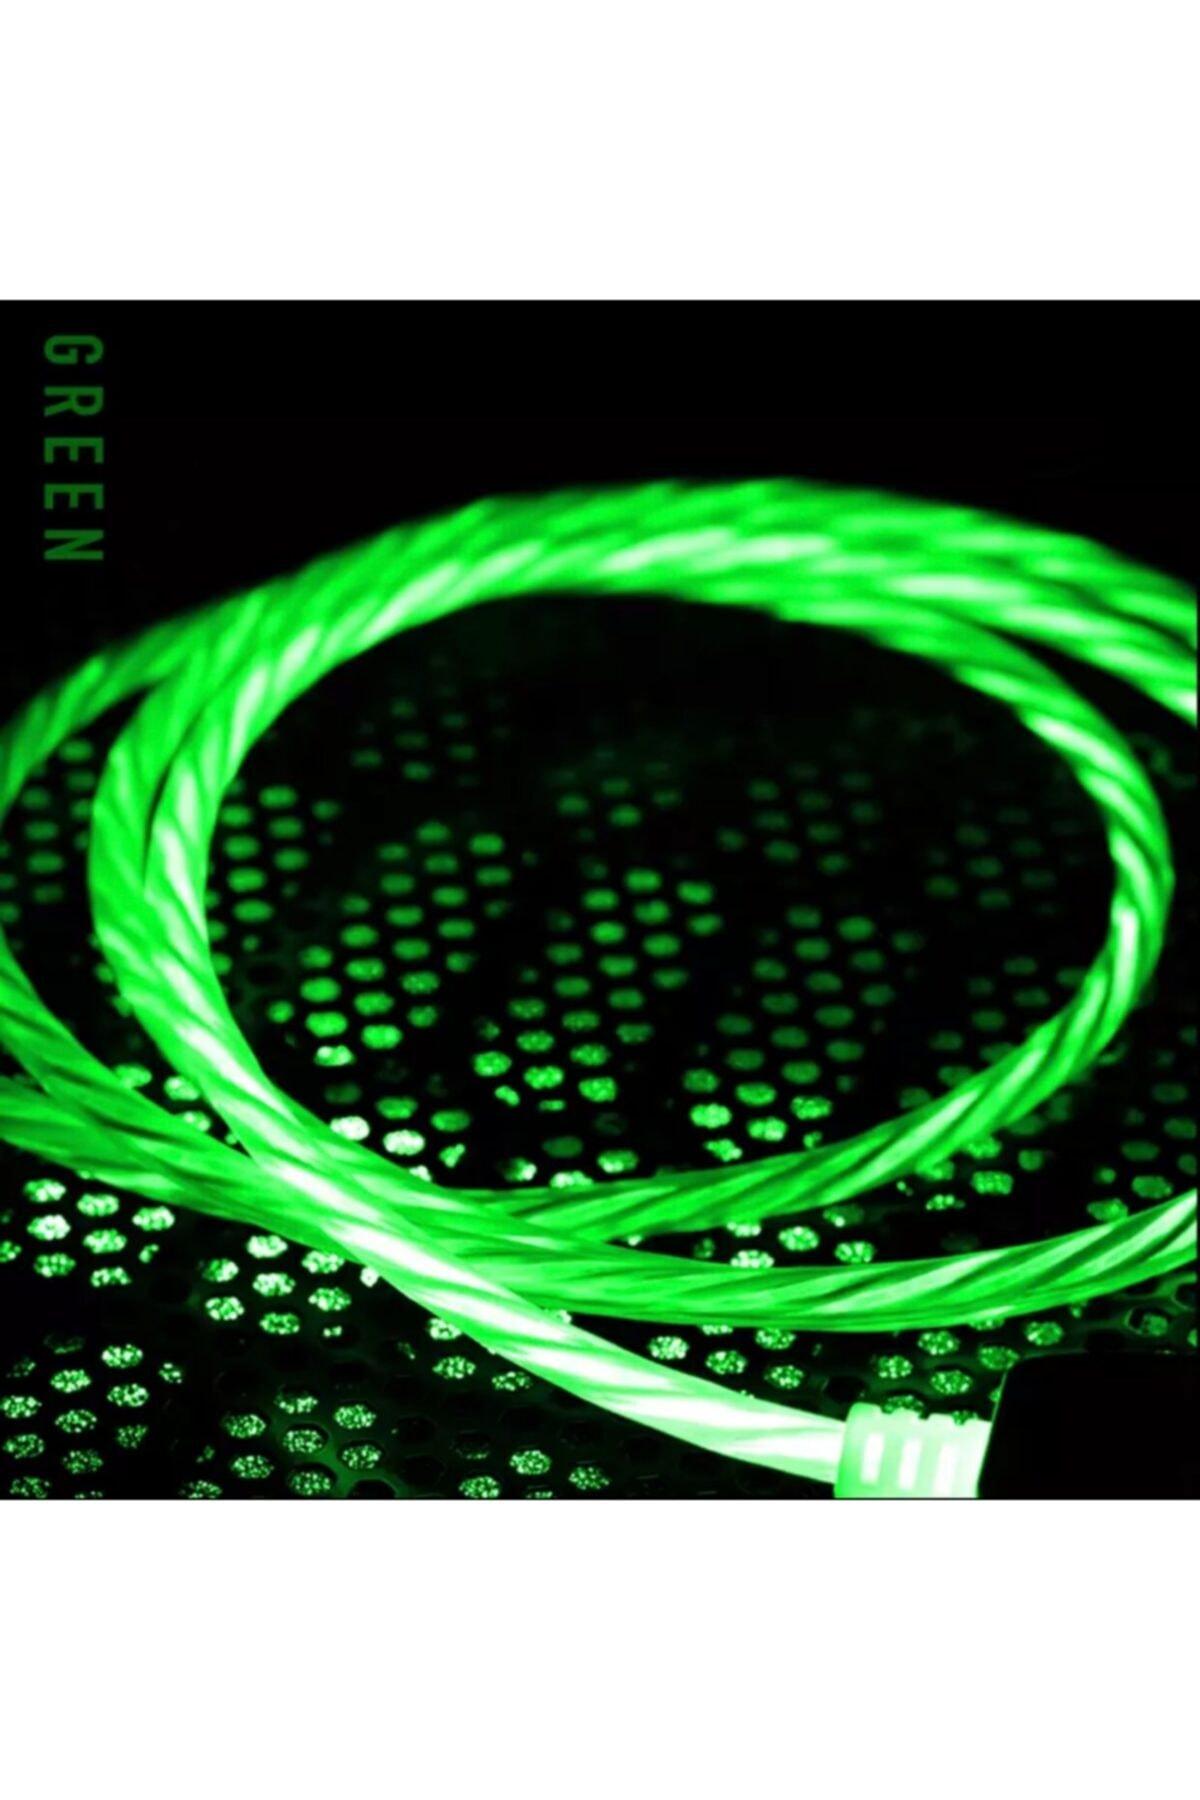 ucuzmi Iphone Lighting Full Işıklı Hareketli Hızlı Şarj Kablo 60w 3.0a Yüksek Kalite Renk:yeşil 1